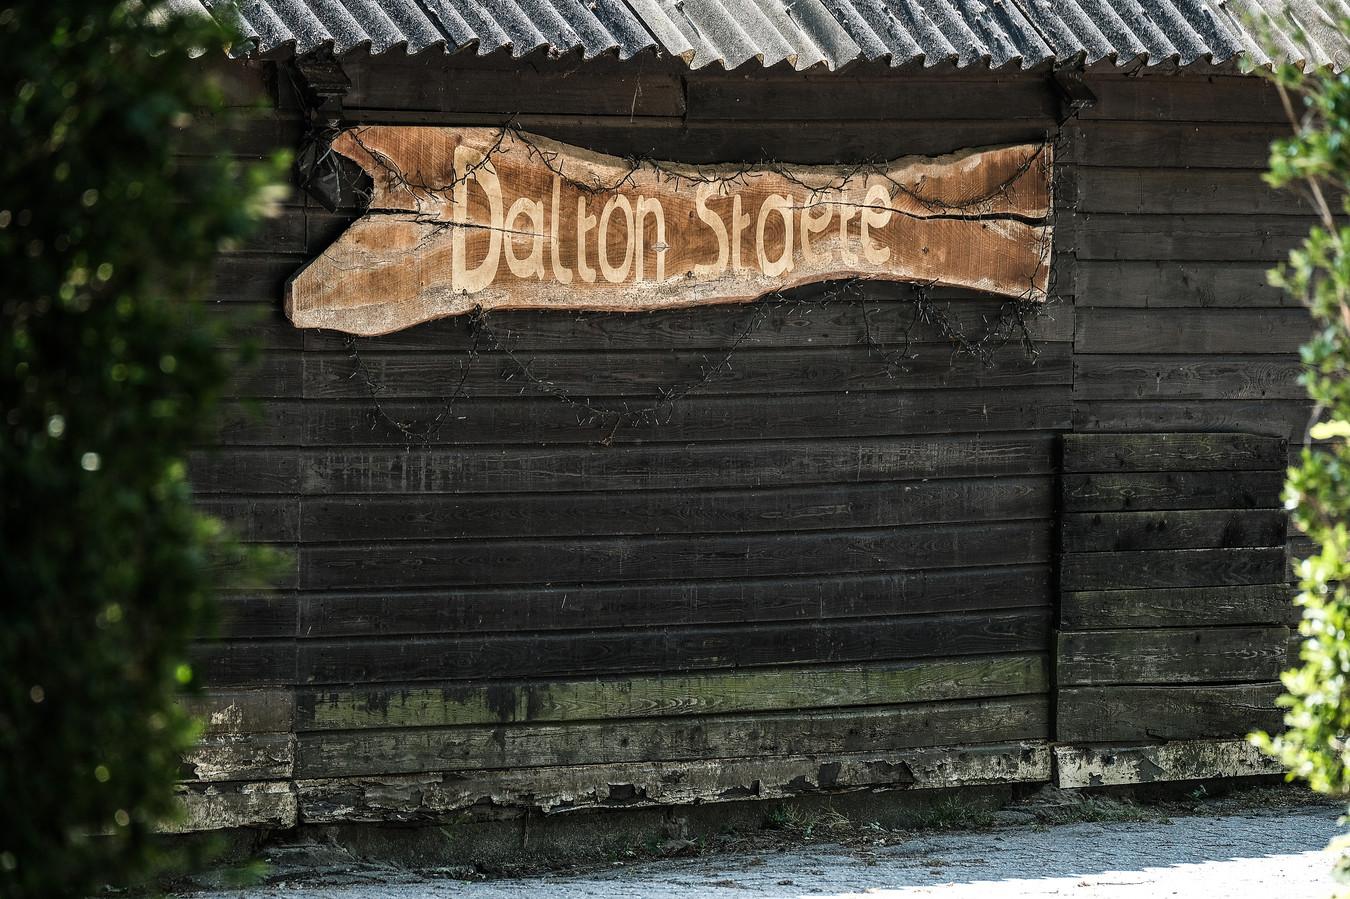 Dalton Staete. Verwijst het grote bord op de houten schuur naar de geuzennaam van de jongens die hier in dit Achterhoekse dorpje opgroeiden?